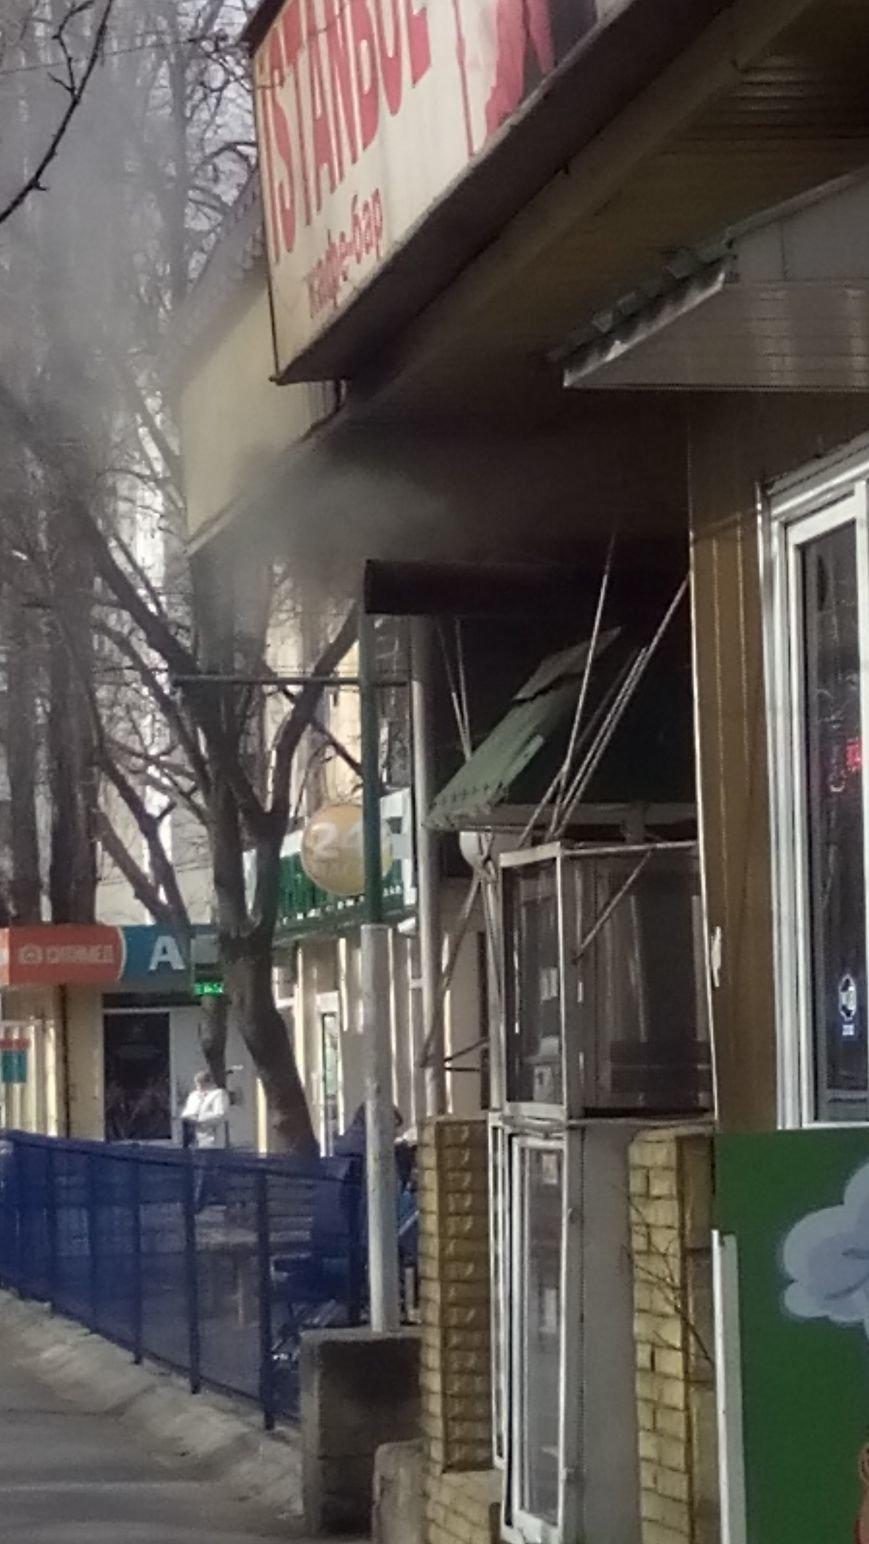 f70f639770d55de0a8f9012547a0bd1e Одесское кафе пускает струю дыма в прохожих